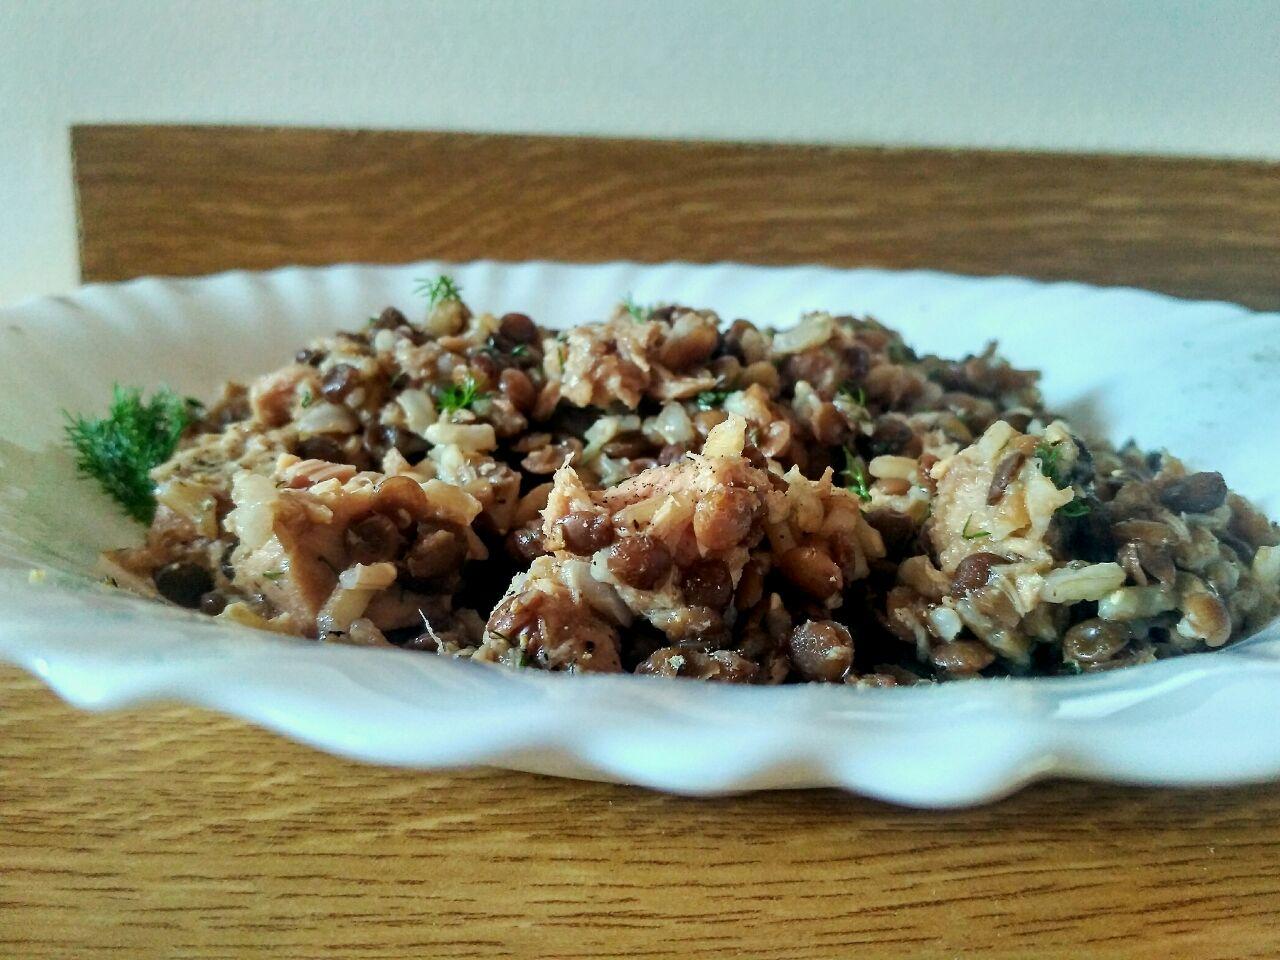 Piatti unici: riso thaibbonet integrale con tonno e lenticchie